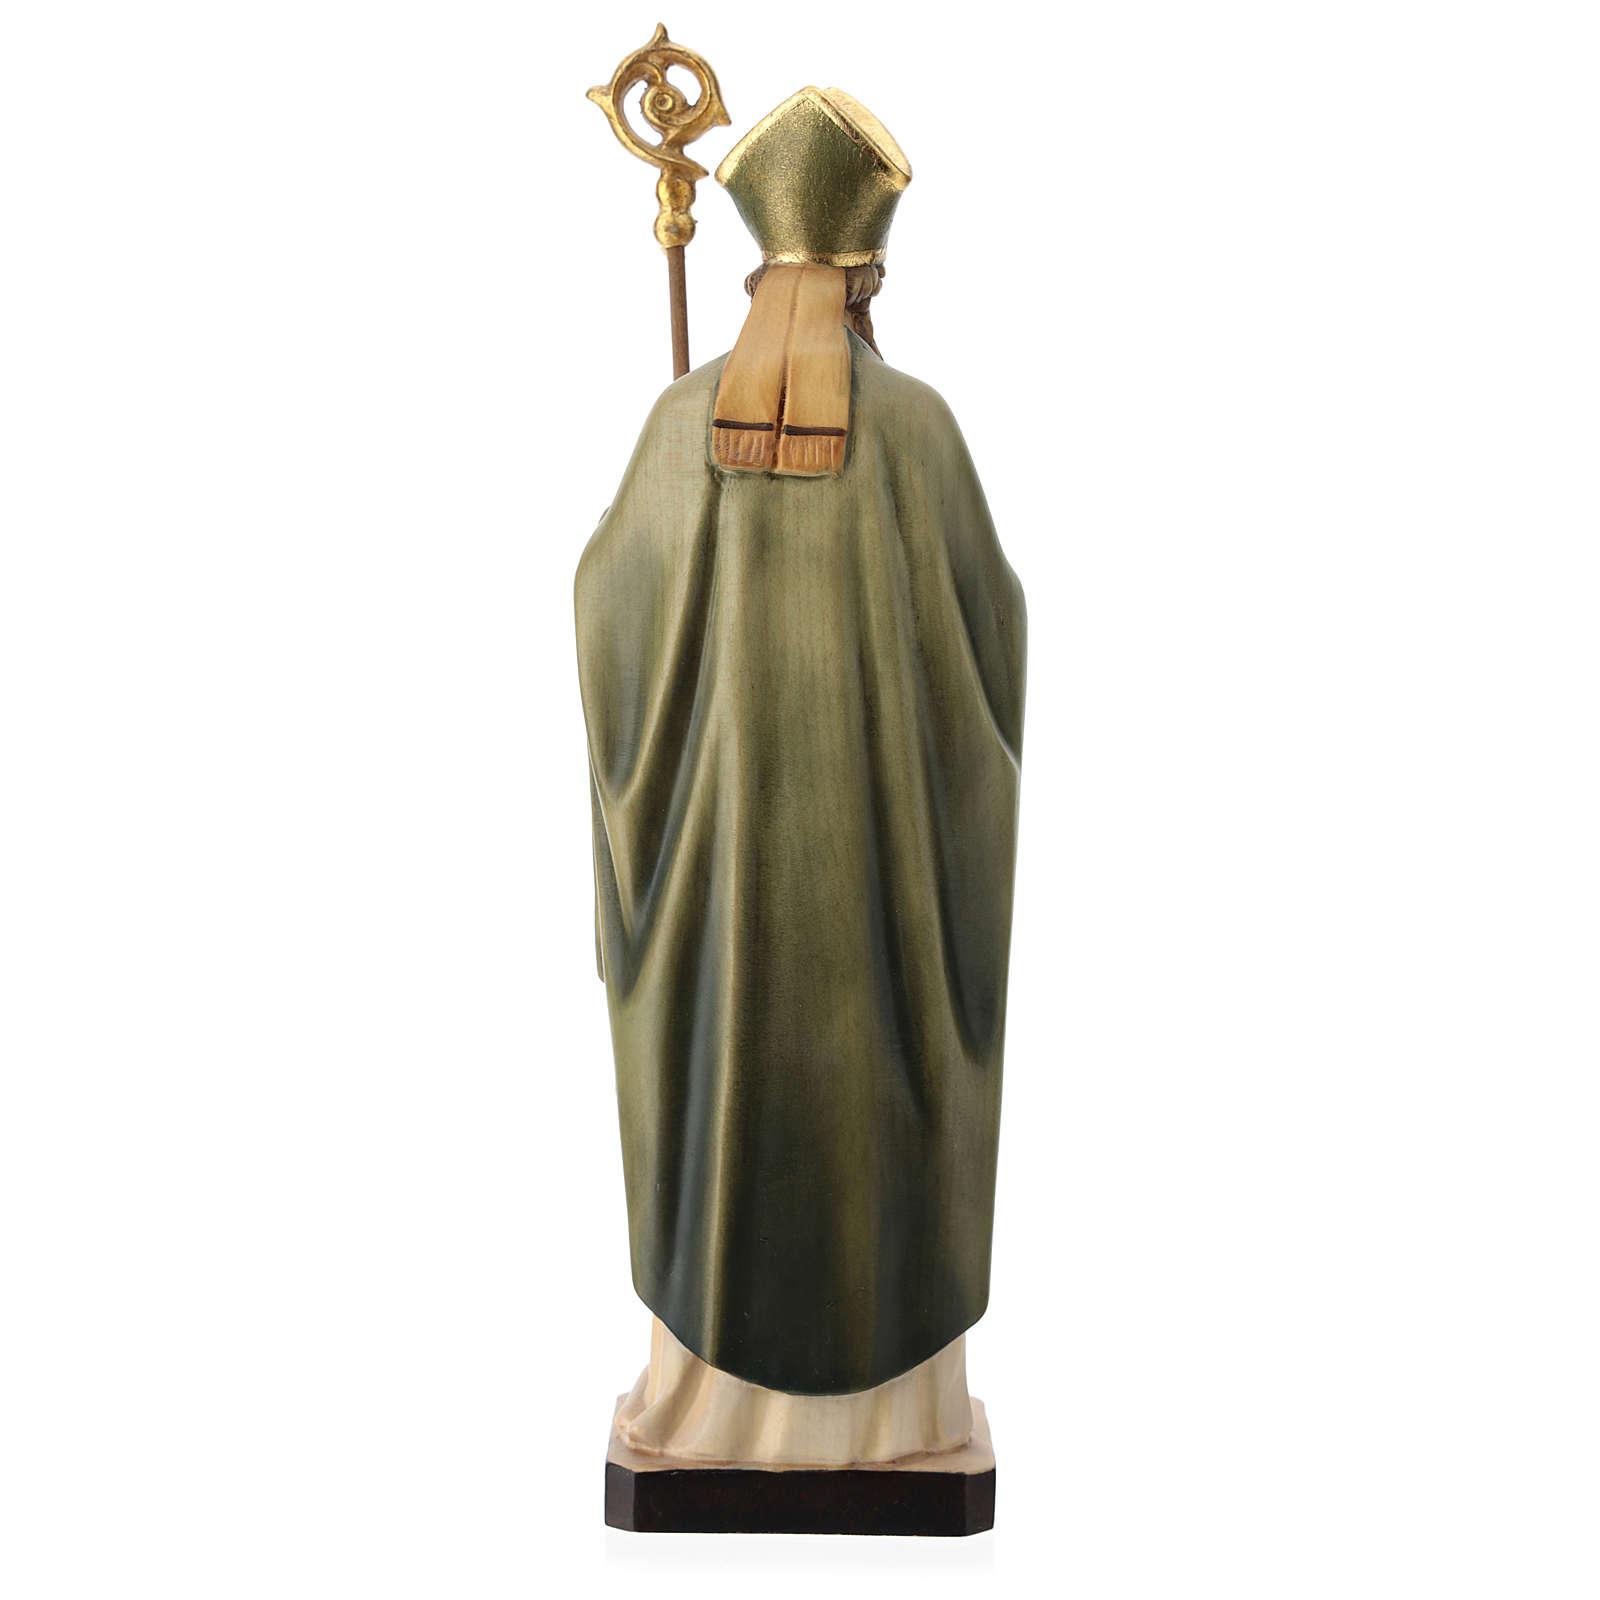 San Patricio de madera pintada con trébol y capa verde 4